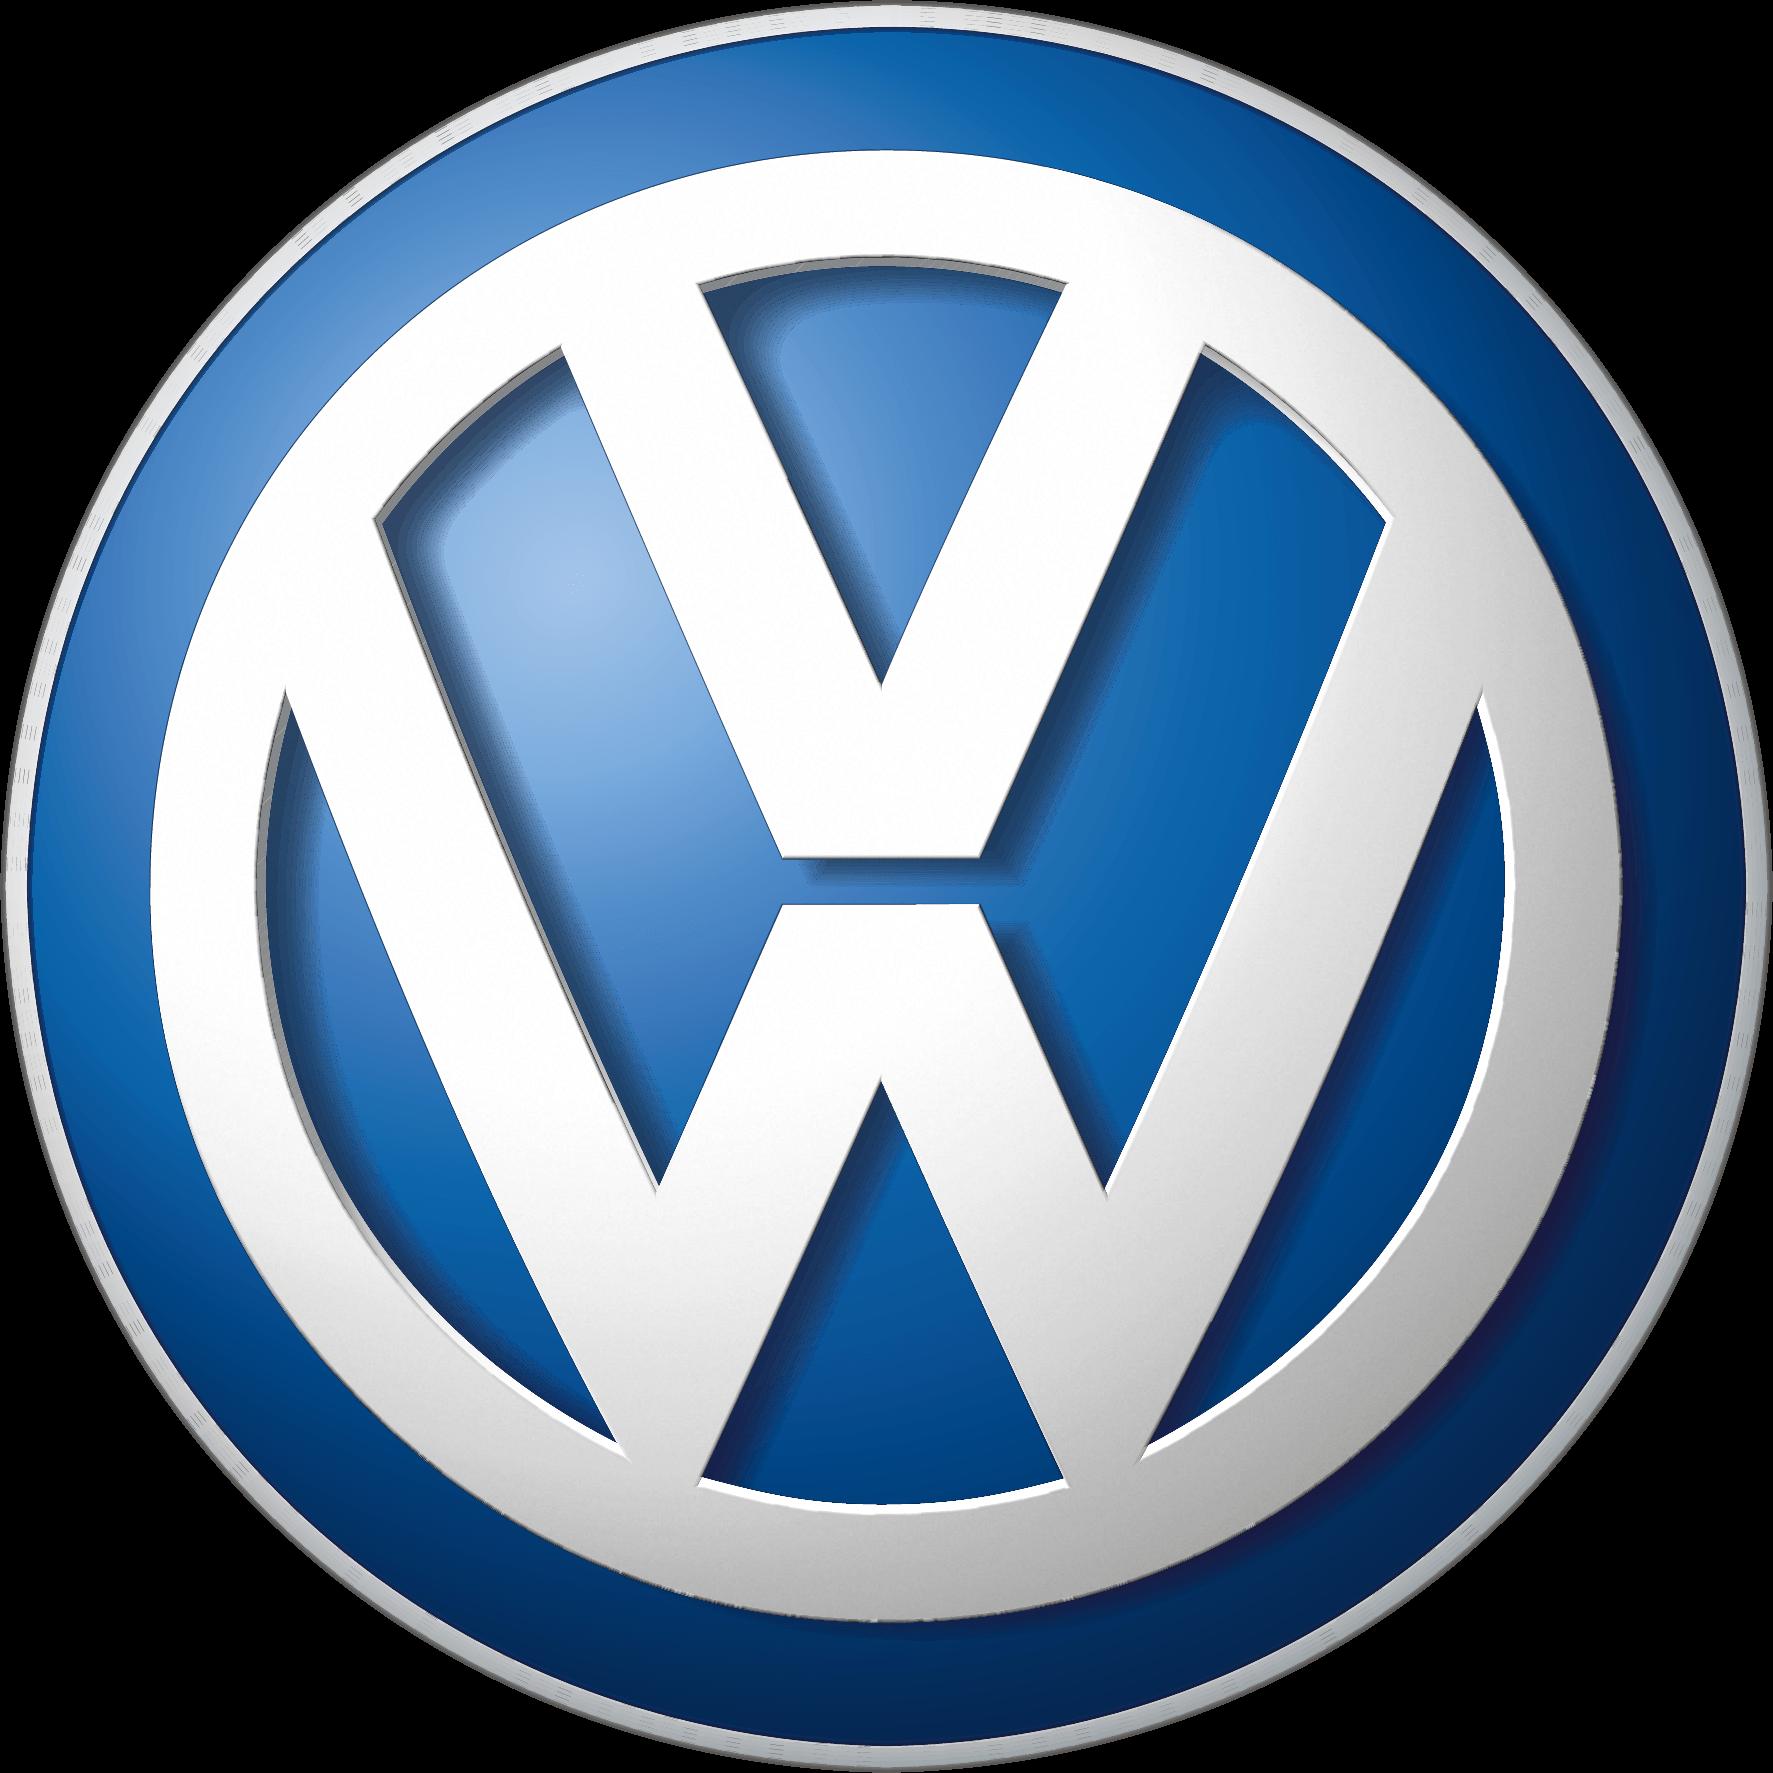 Excalibur Auto Body Works on Volkswagen